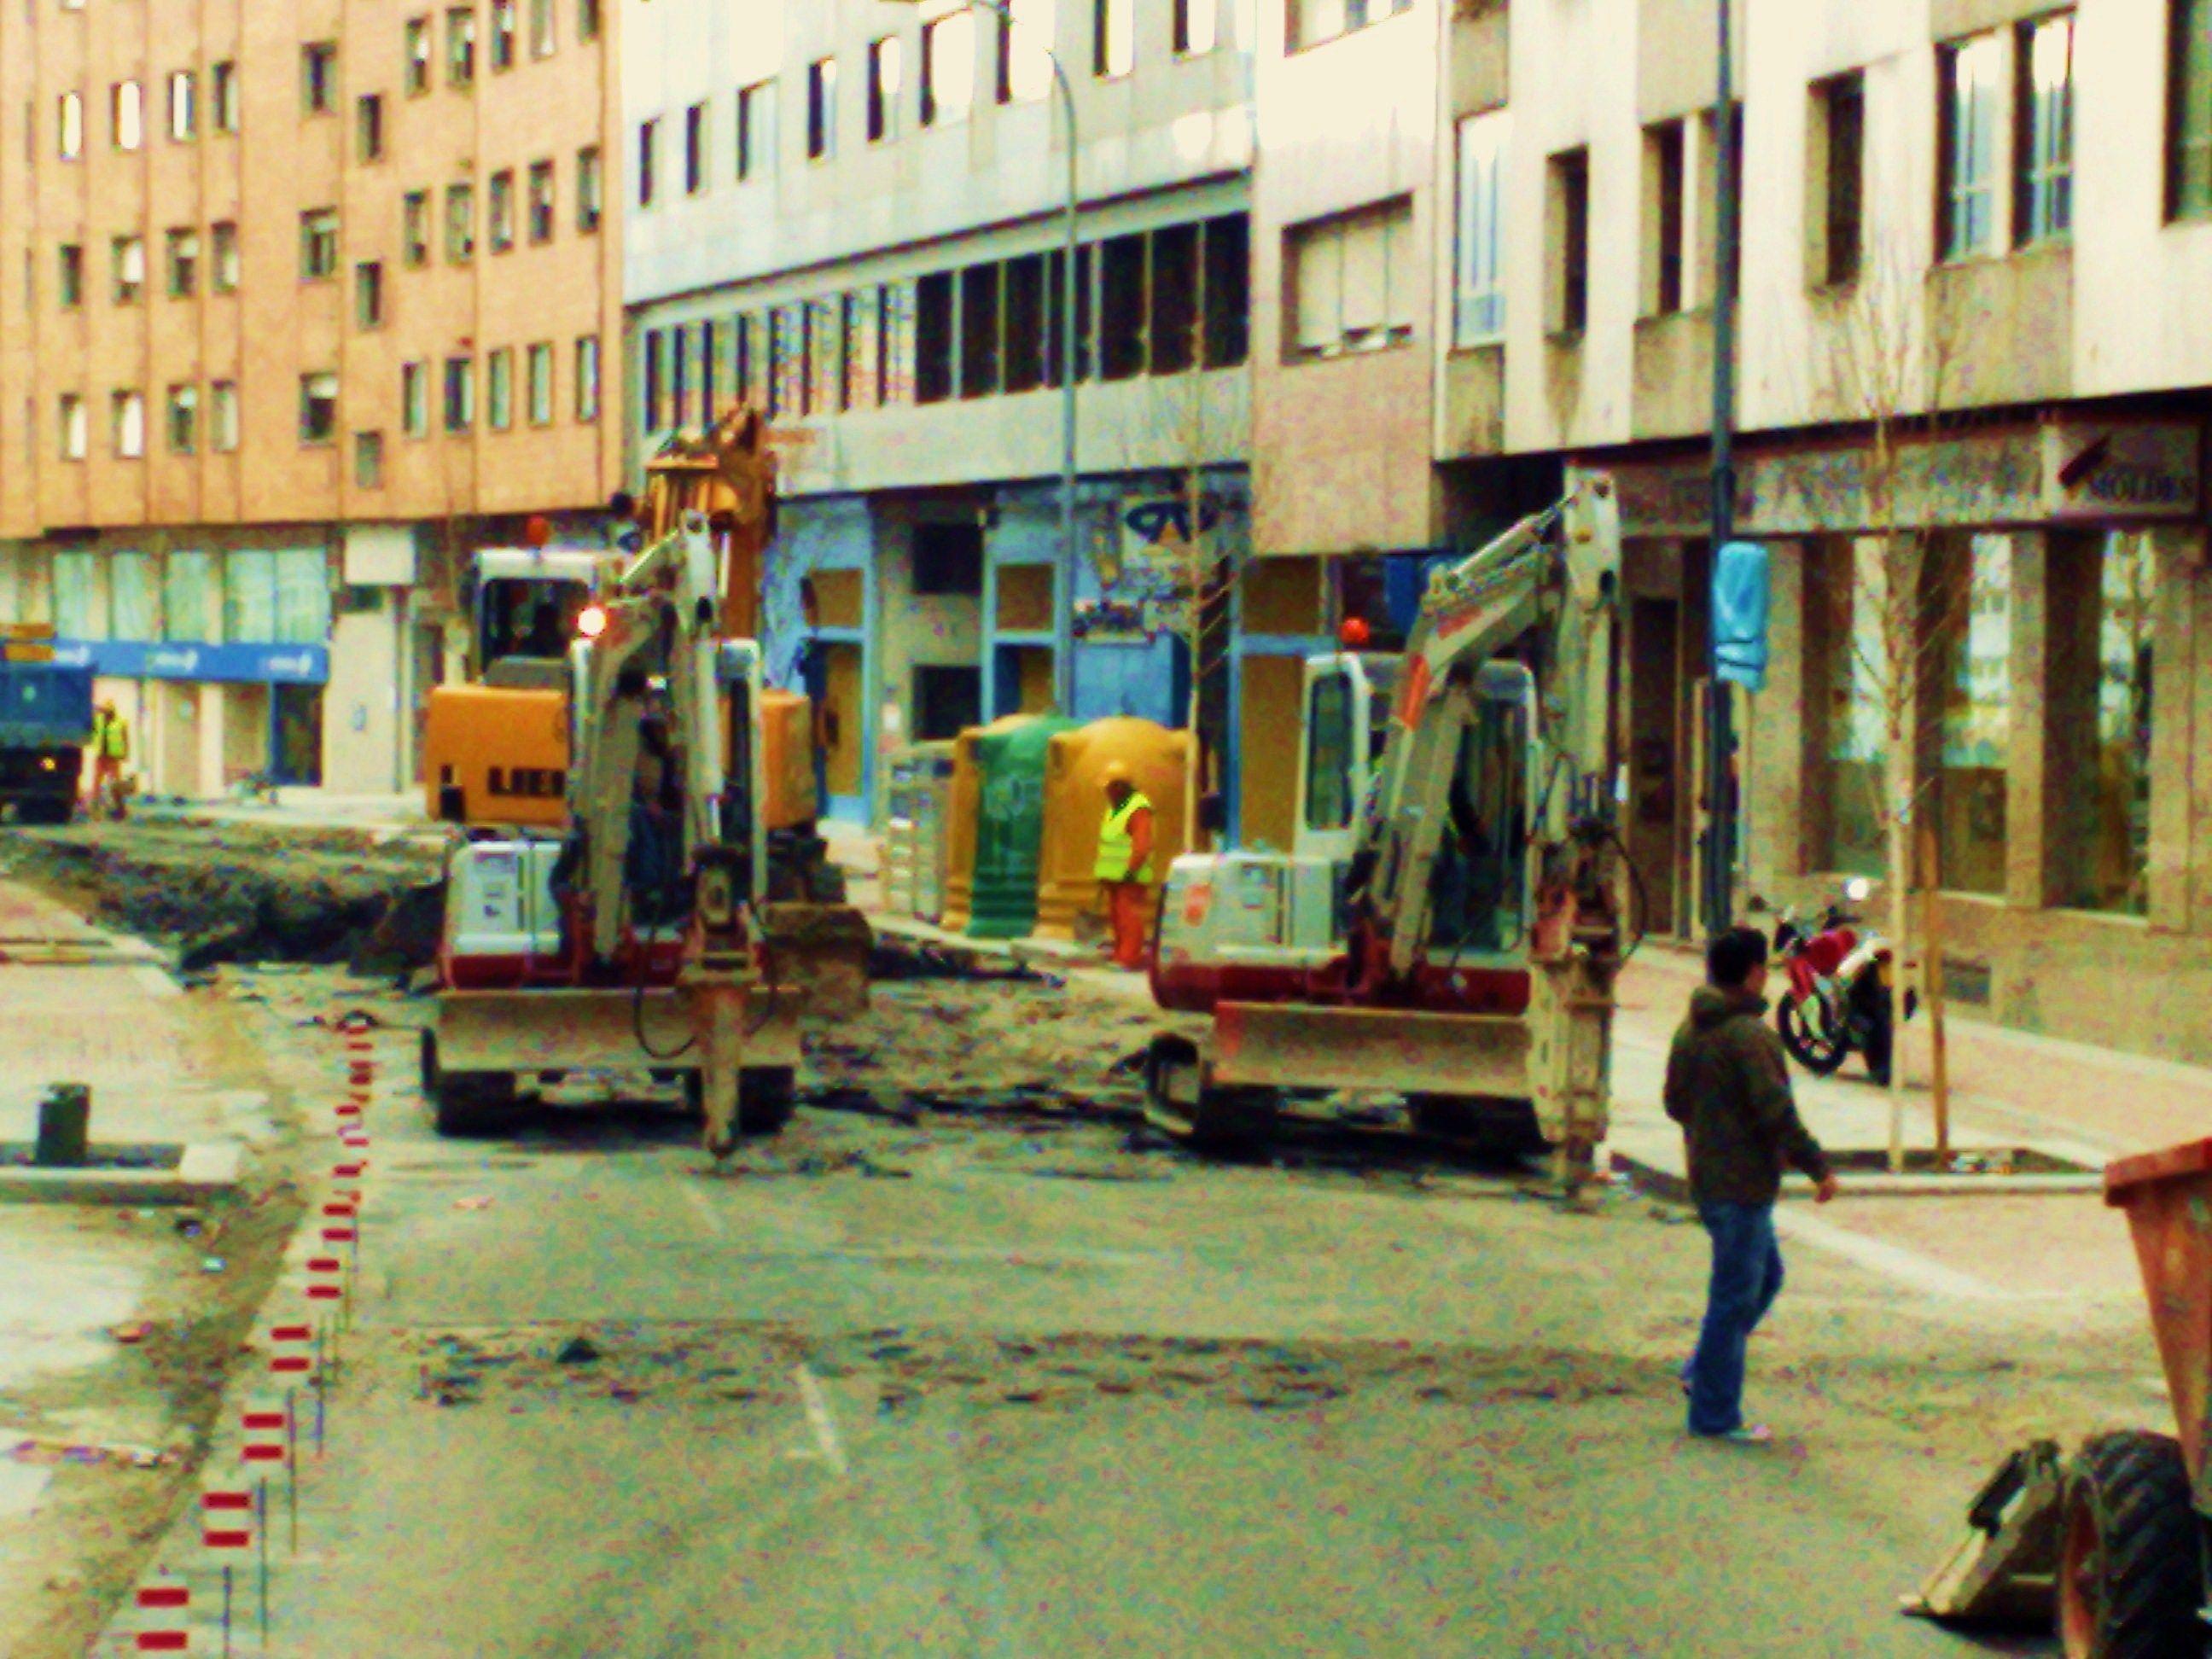 demolicion de la c/ paseo colon PONTEVEDRA